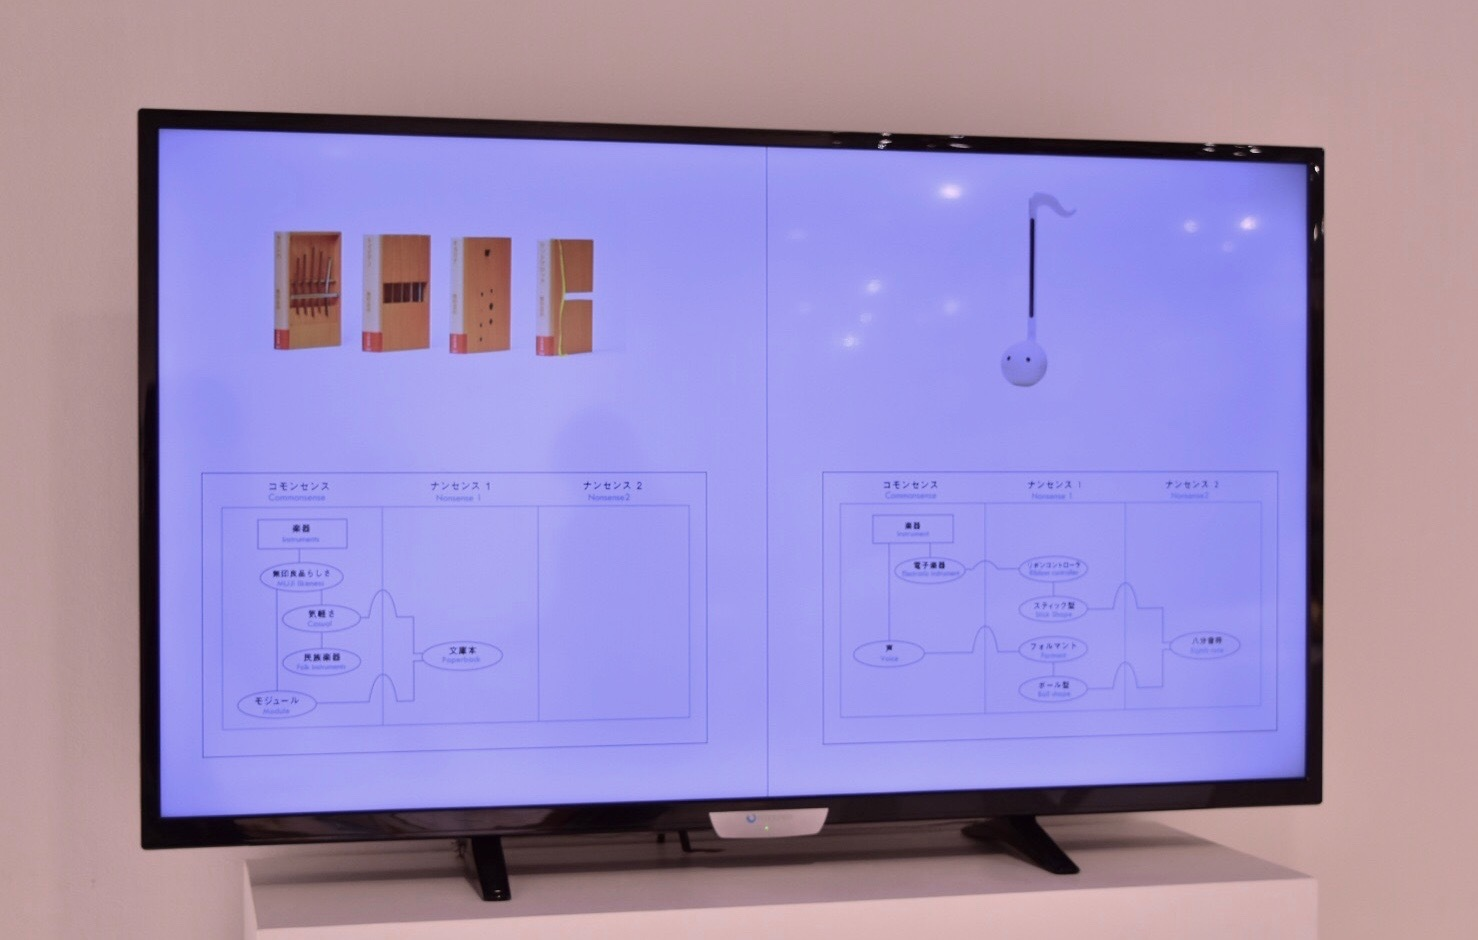 明和電機による製品解説ビデオ